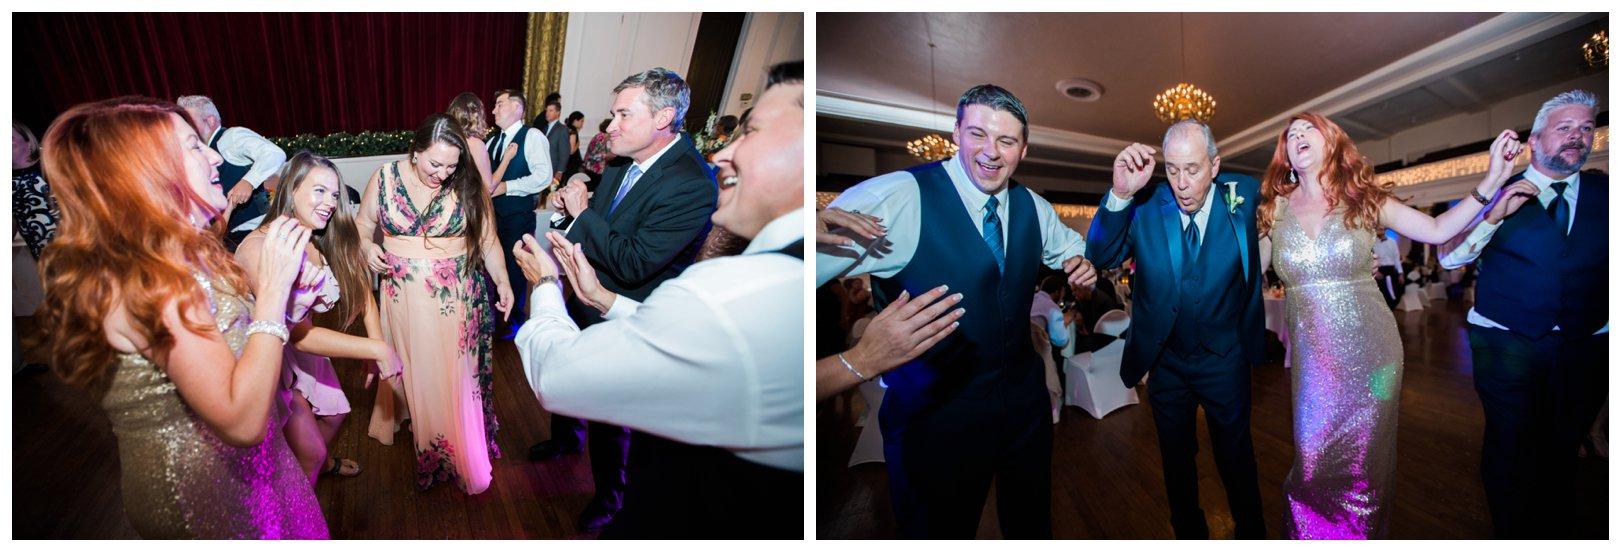 lauren muckler photography_fine art film wedding photography_st louis_photography_1284.jpg